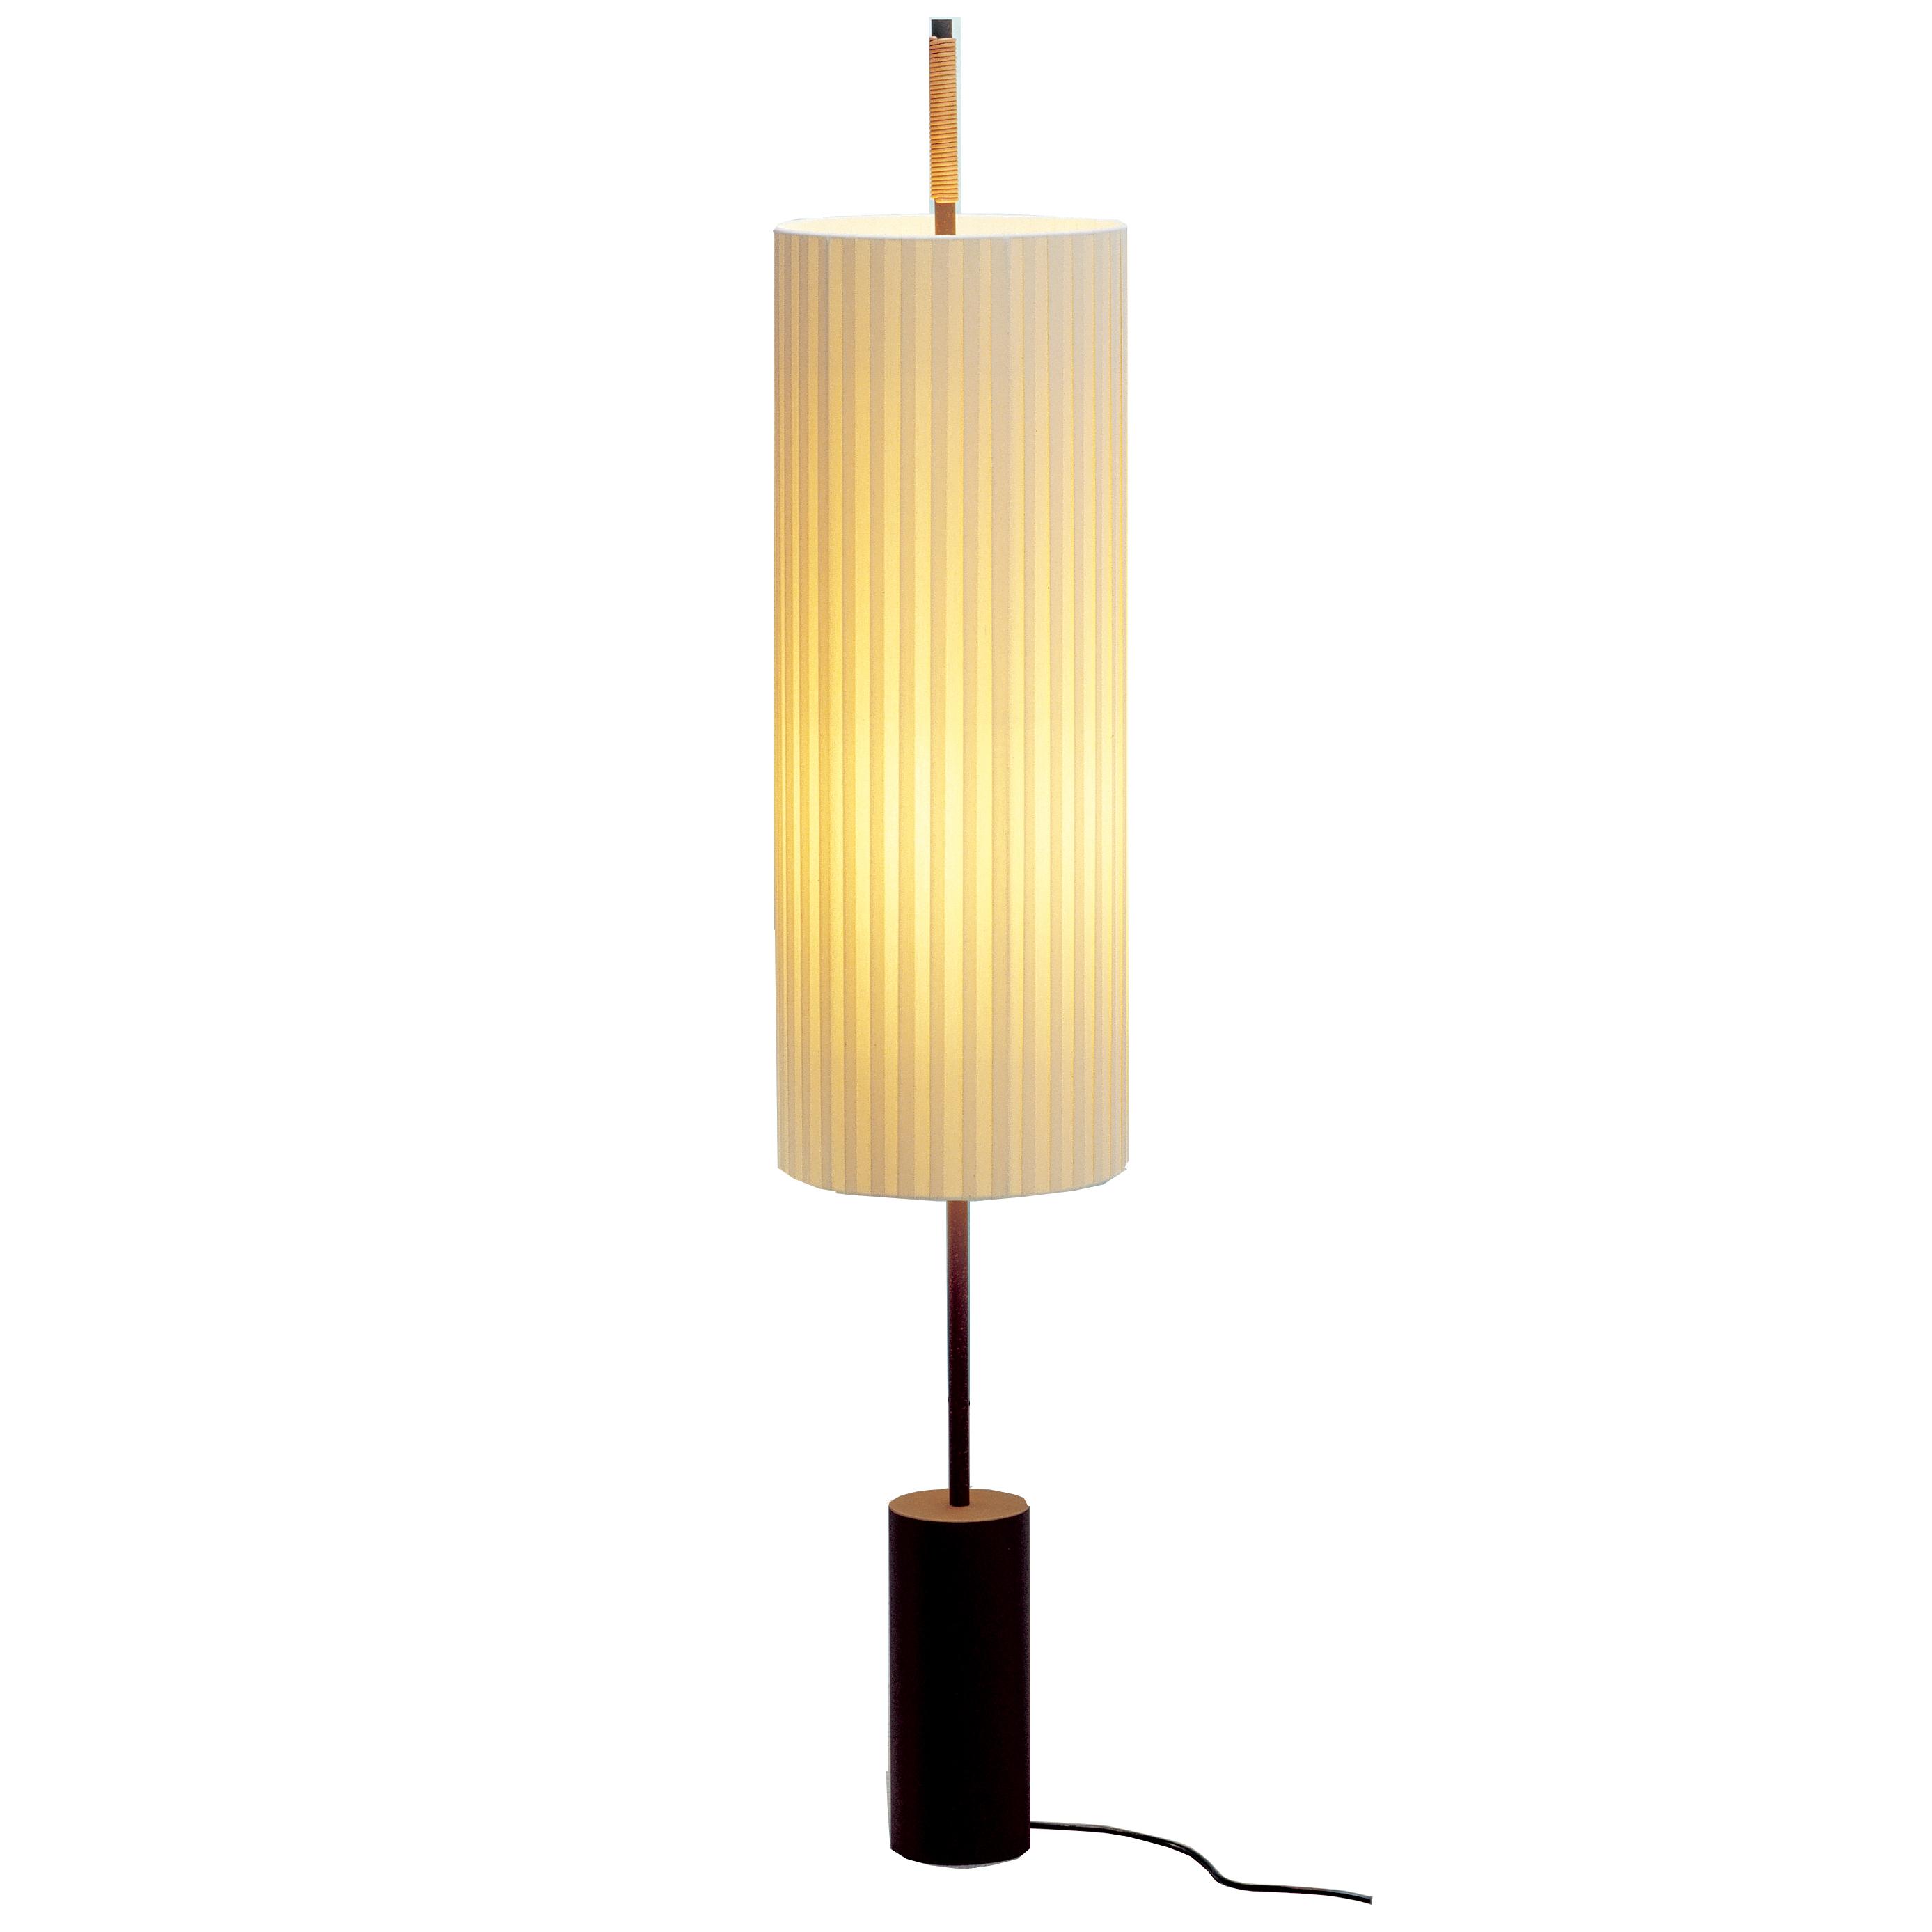 Santa cole dorica accesorio pantalla cinta para dorp3 - Estructuras para lamparas ...